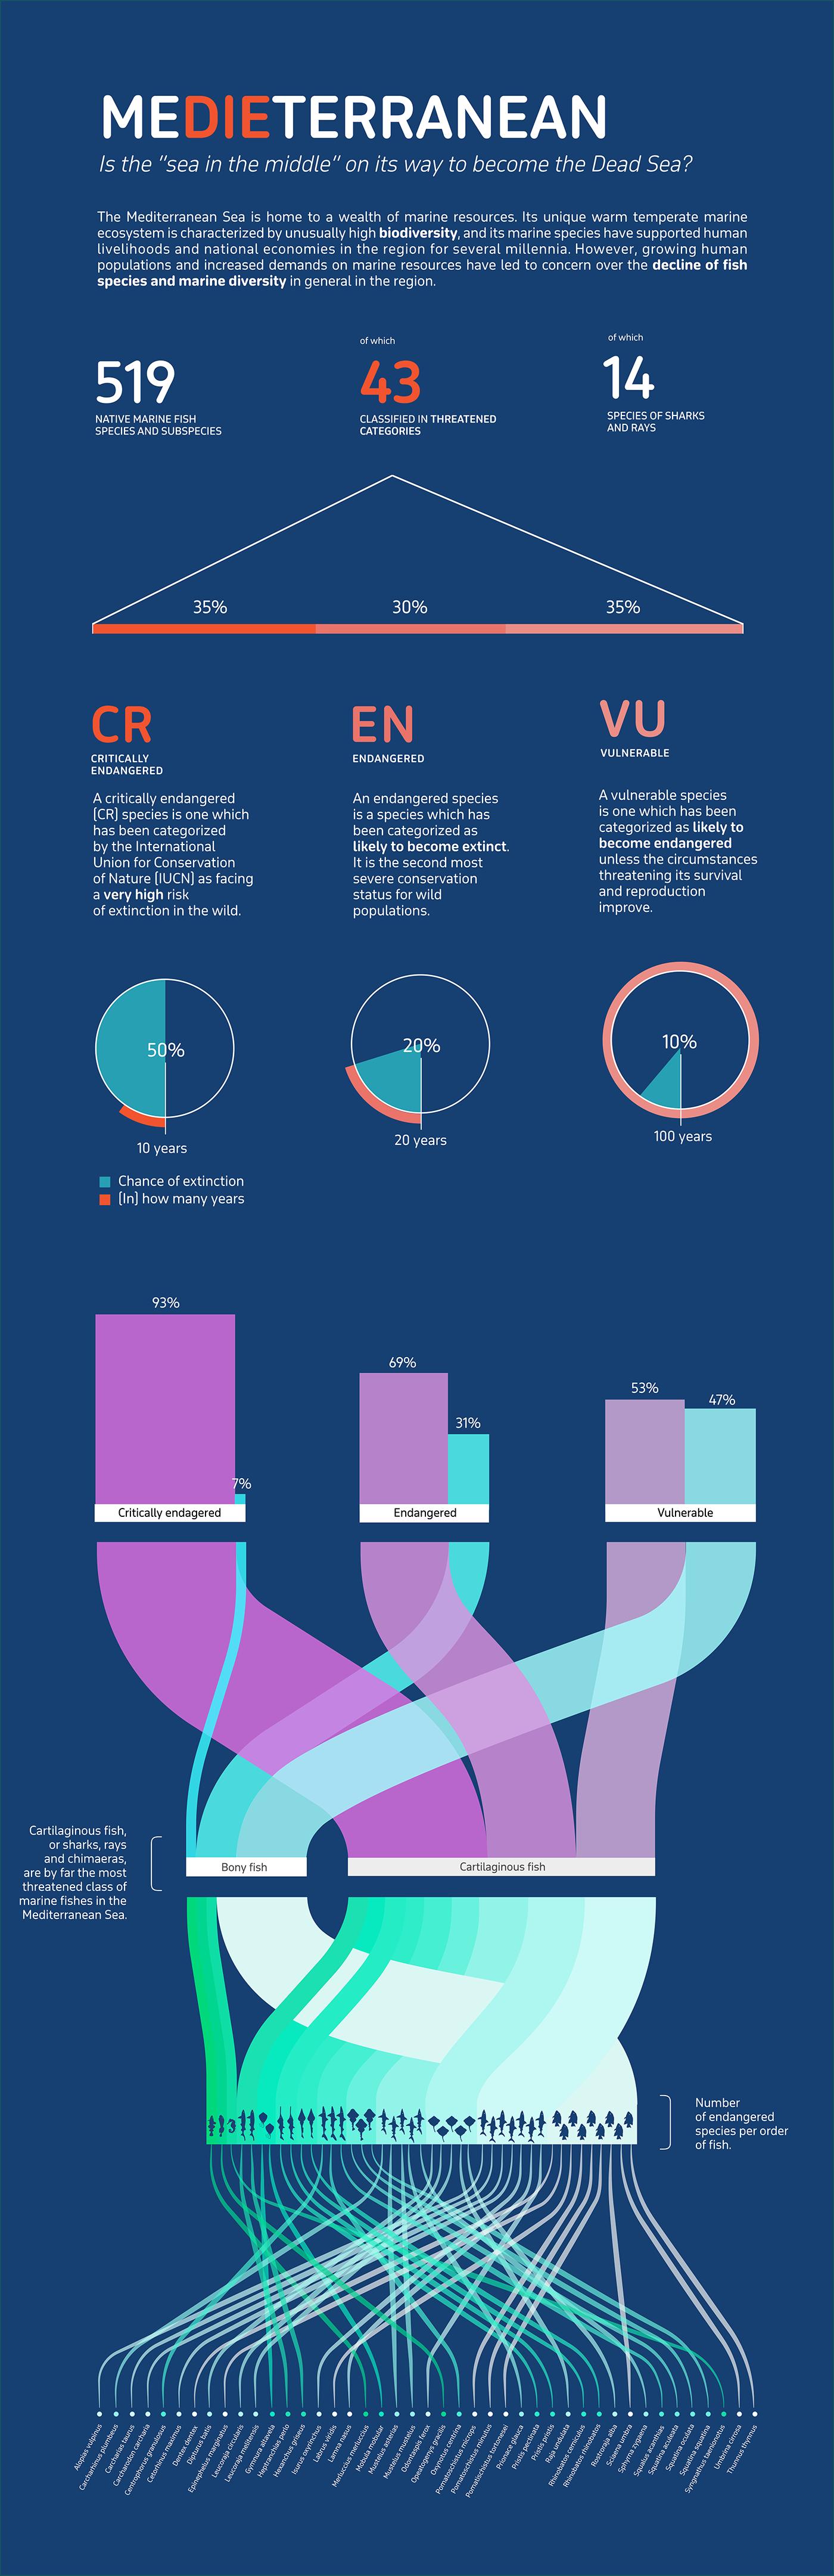 infographic information design mediterranean biodiversity